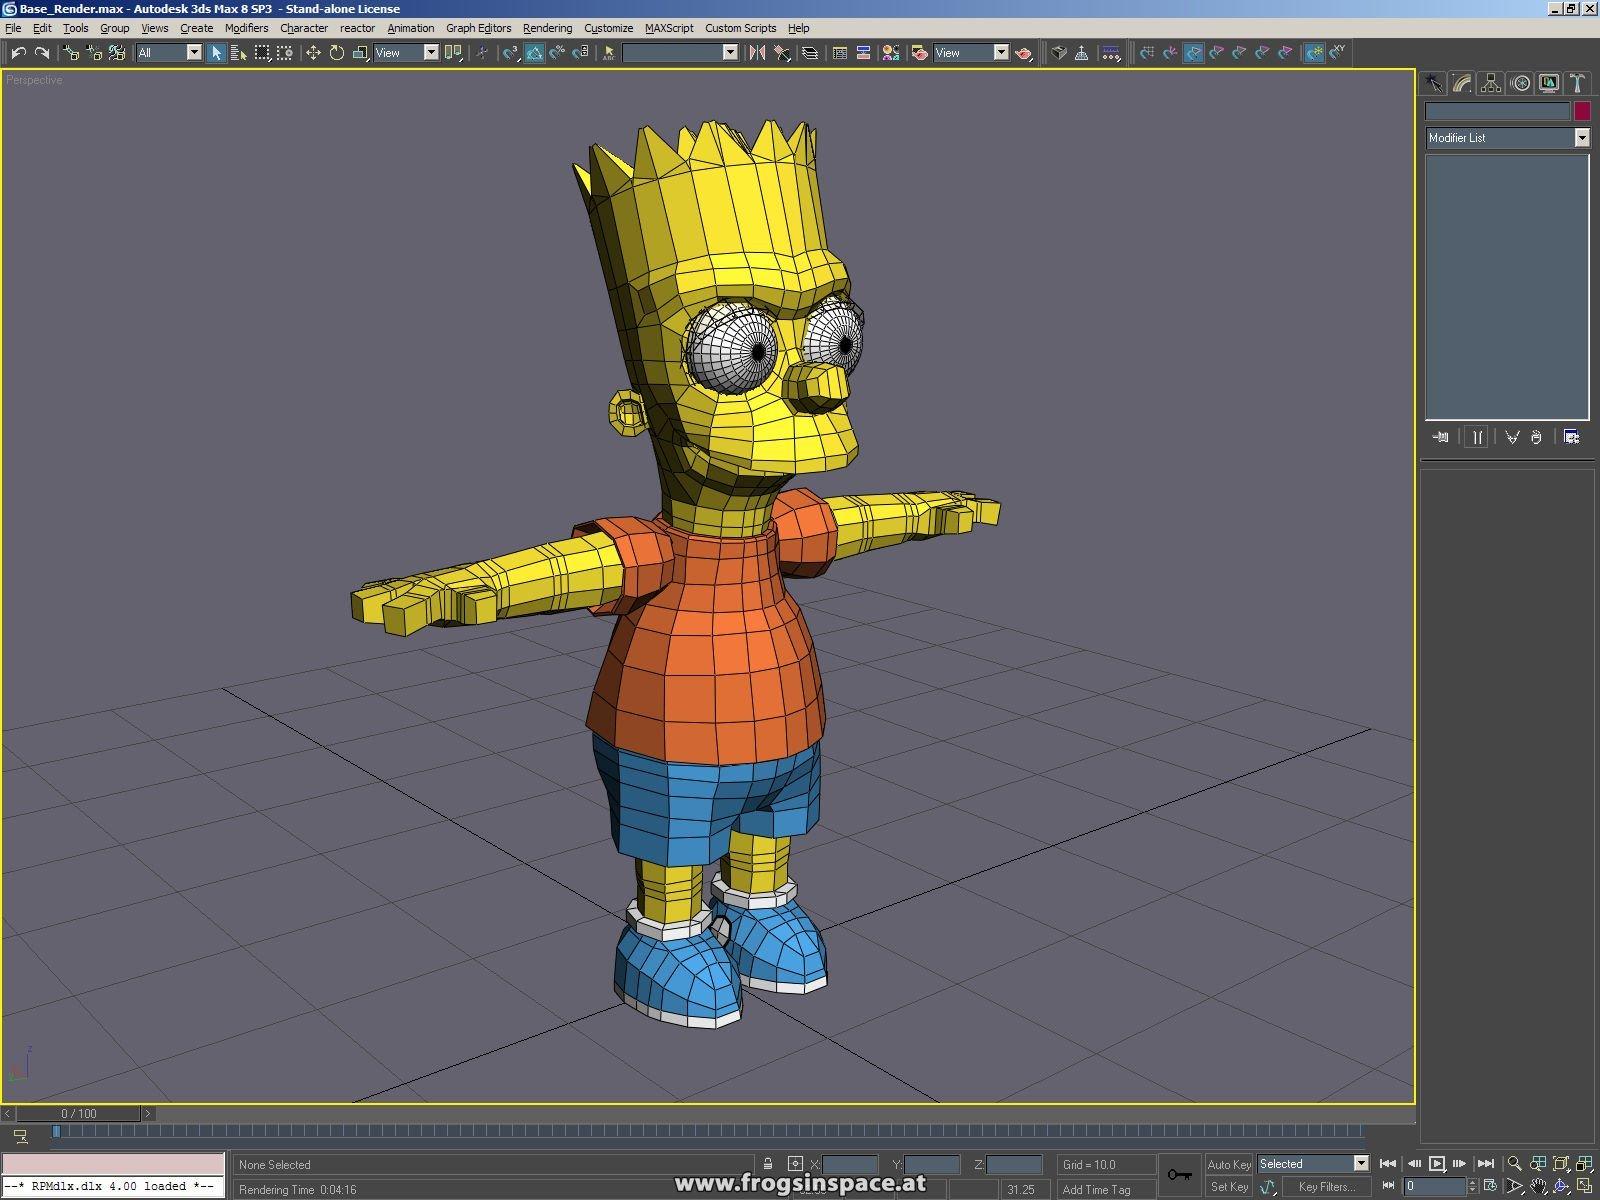 2007_SIMP_3dsmax_screen_bart_lowres